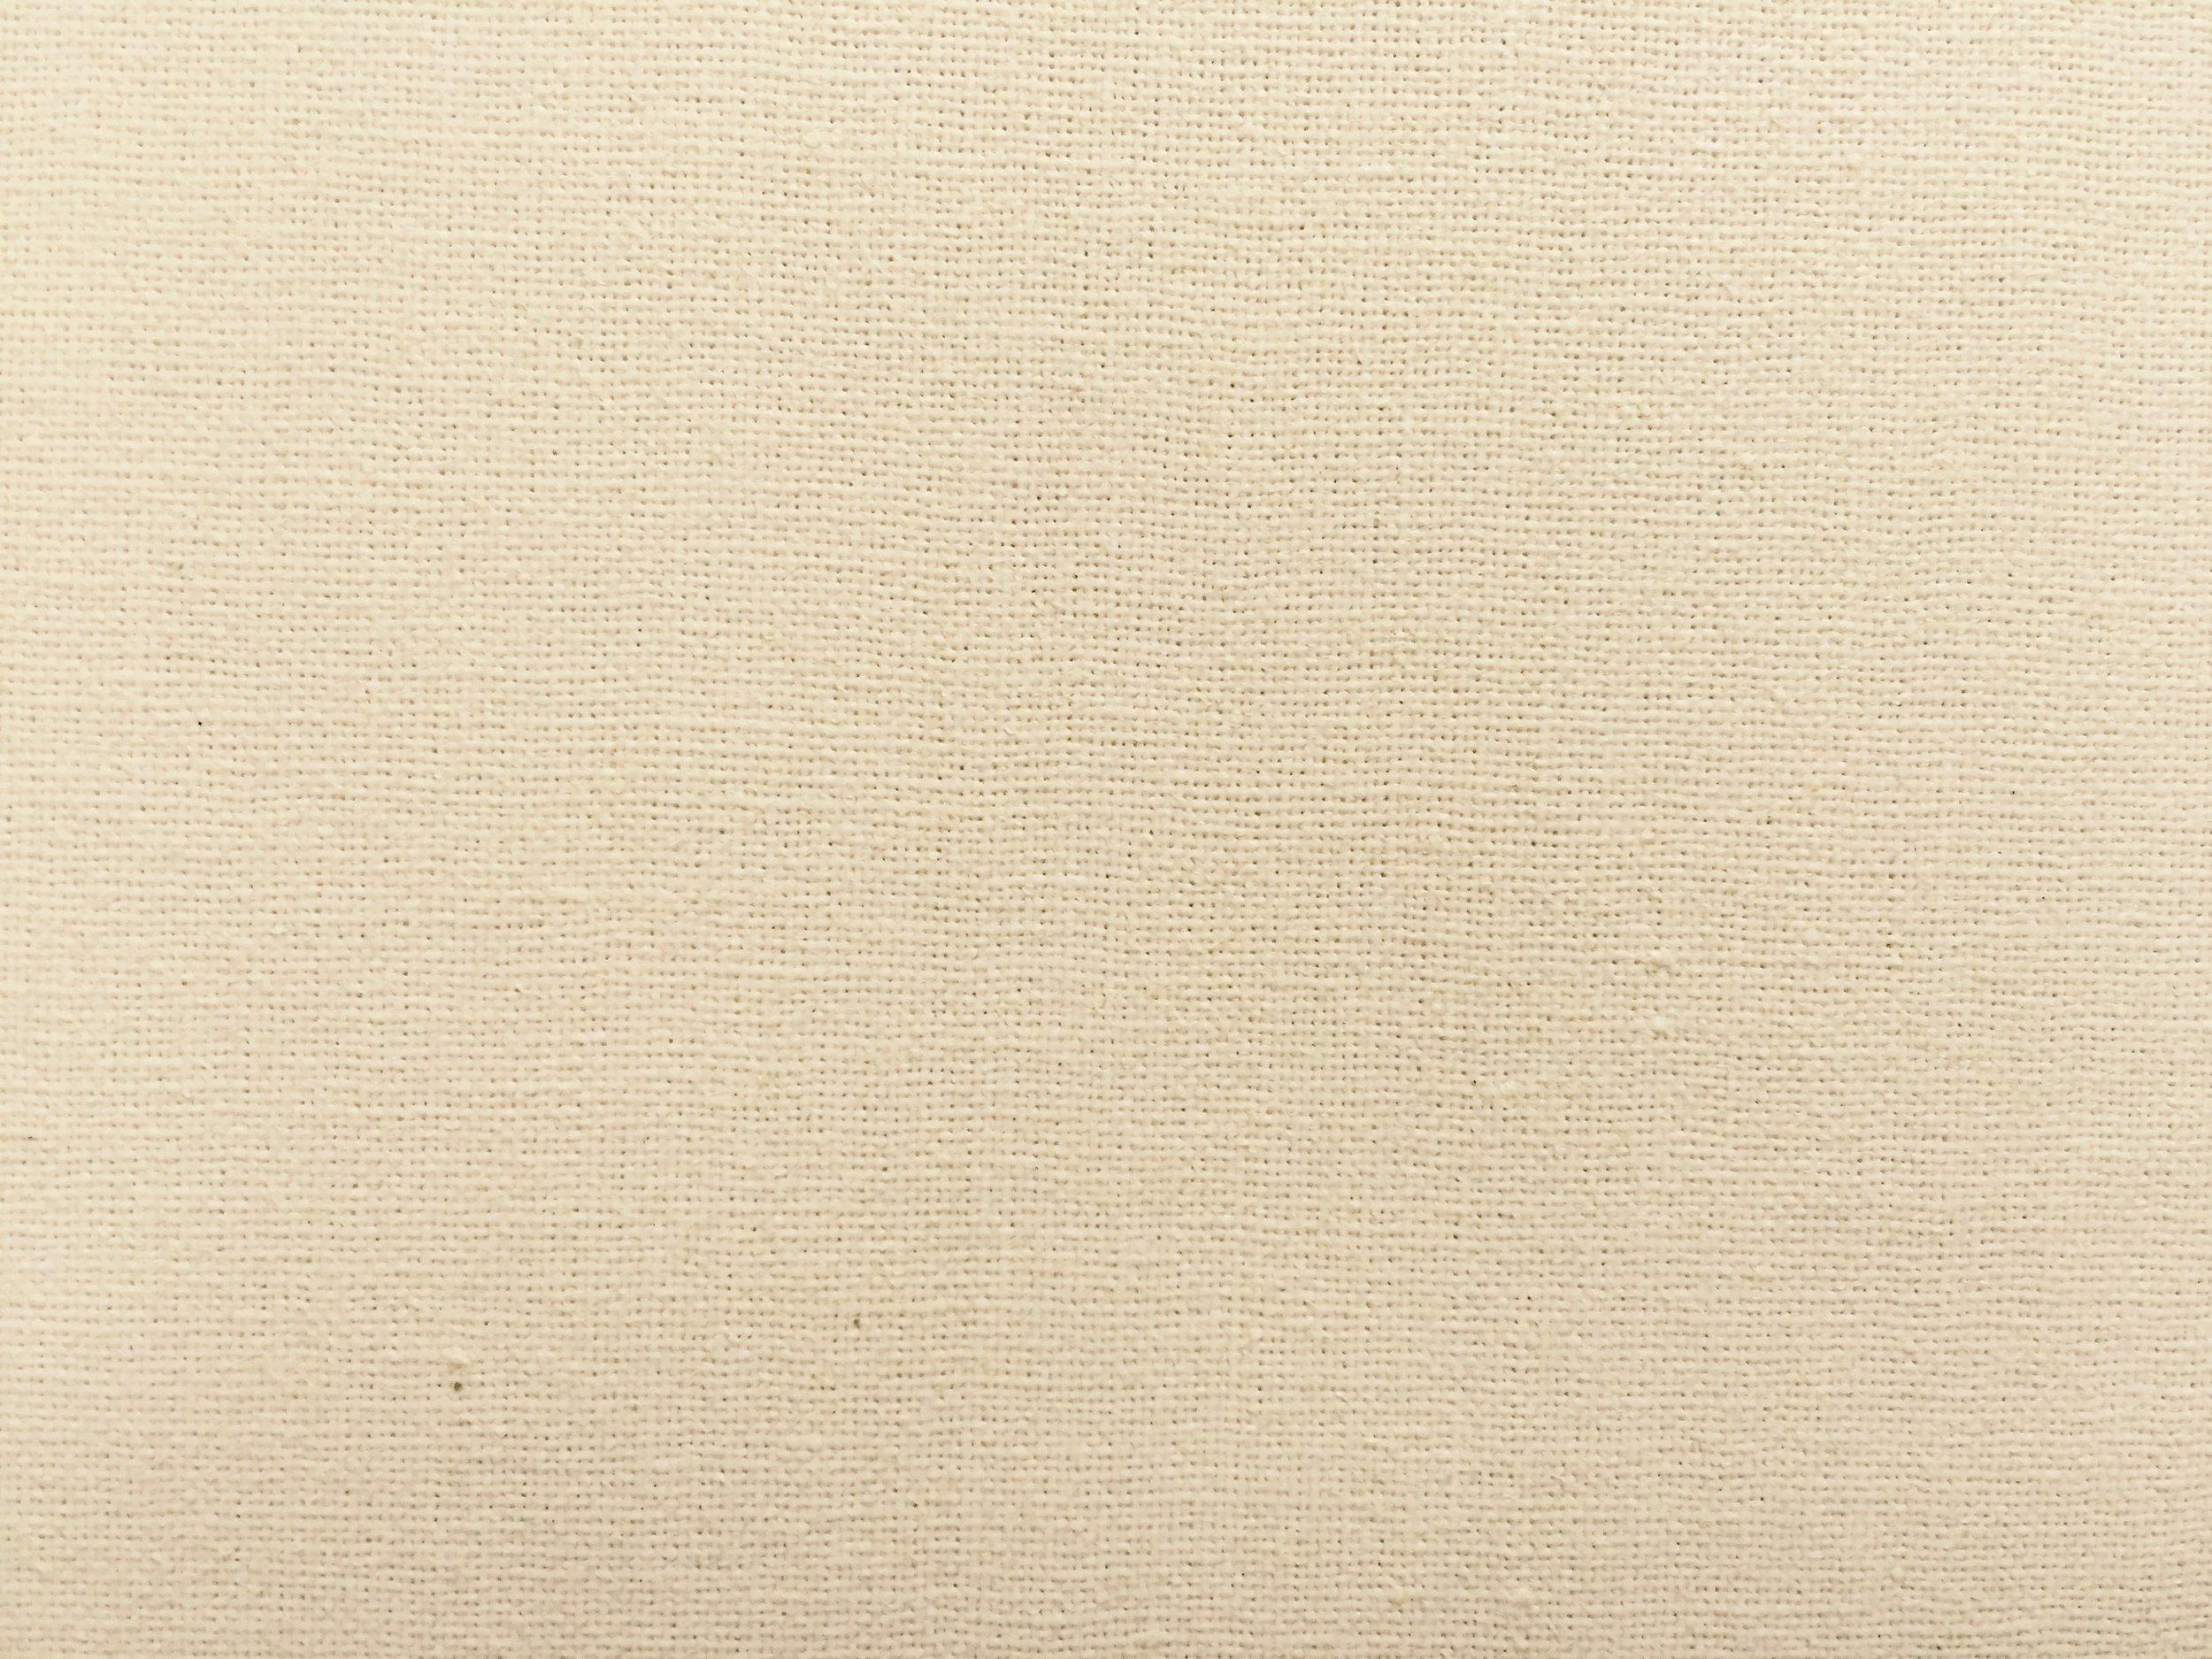 Classic Cotton - Ecru